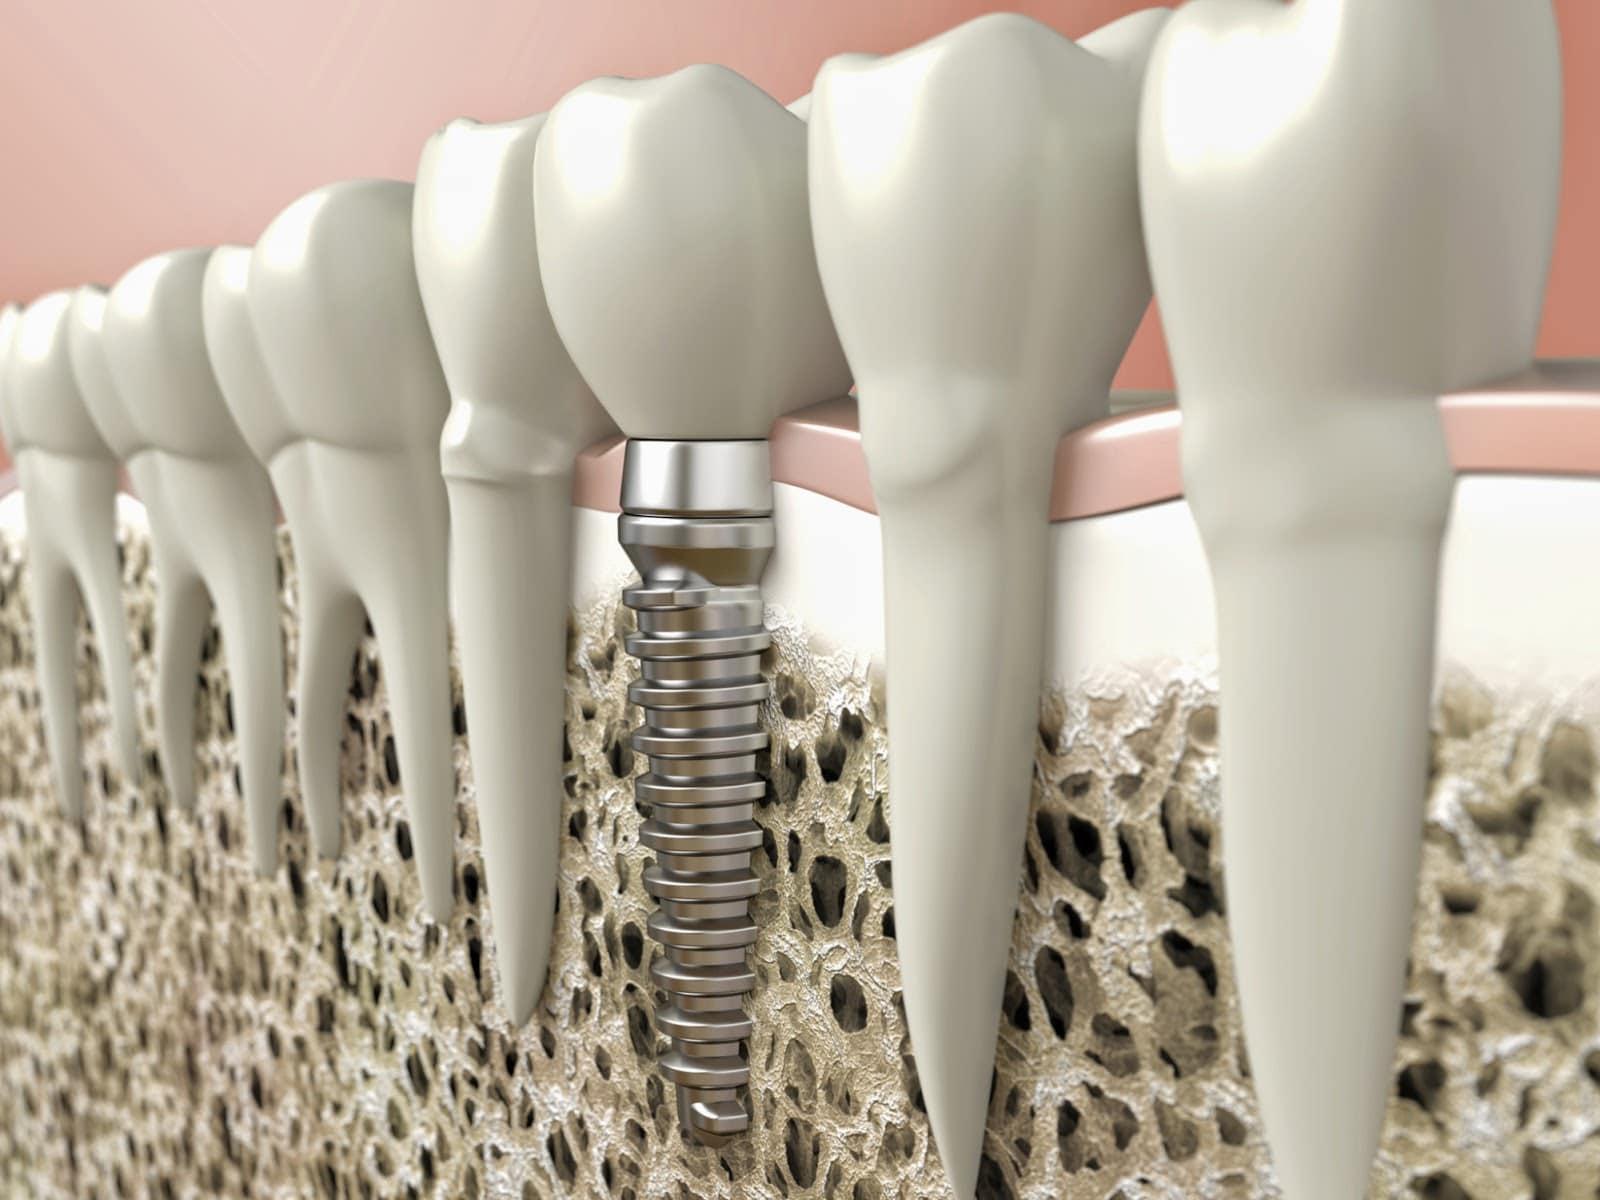 Implants dentaires : prenez-vous des médicaments ?